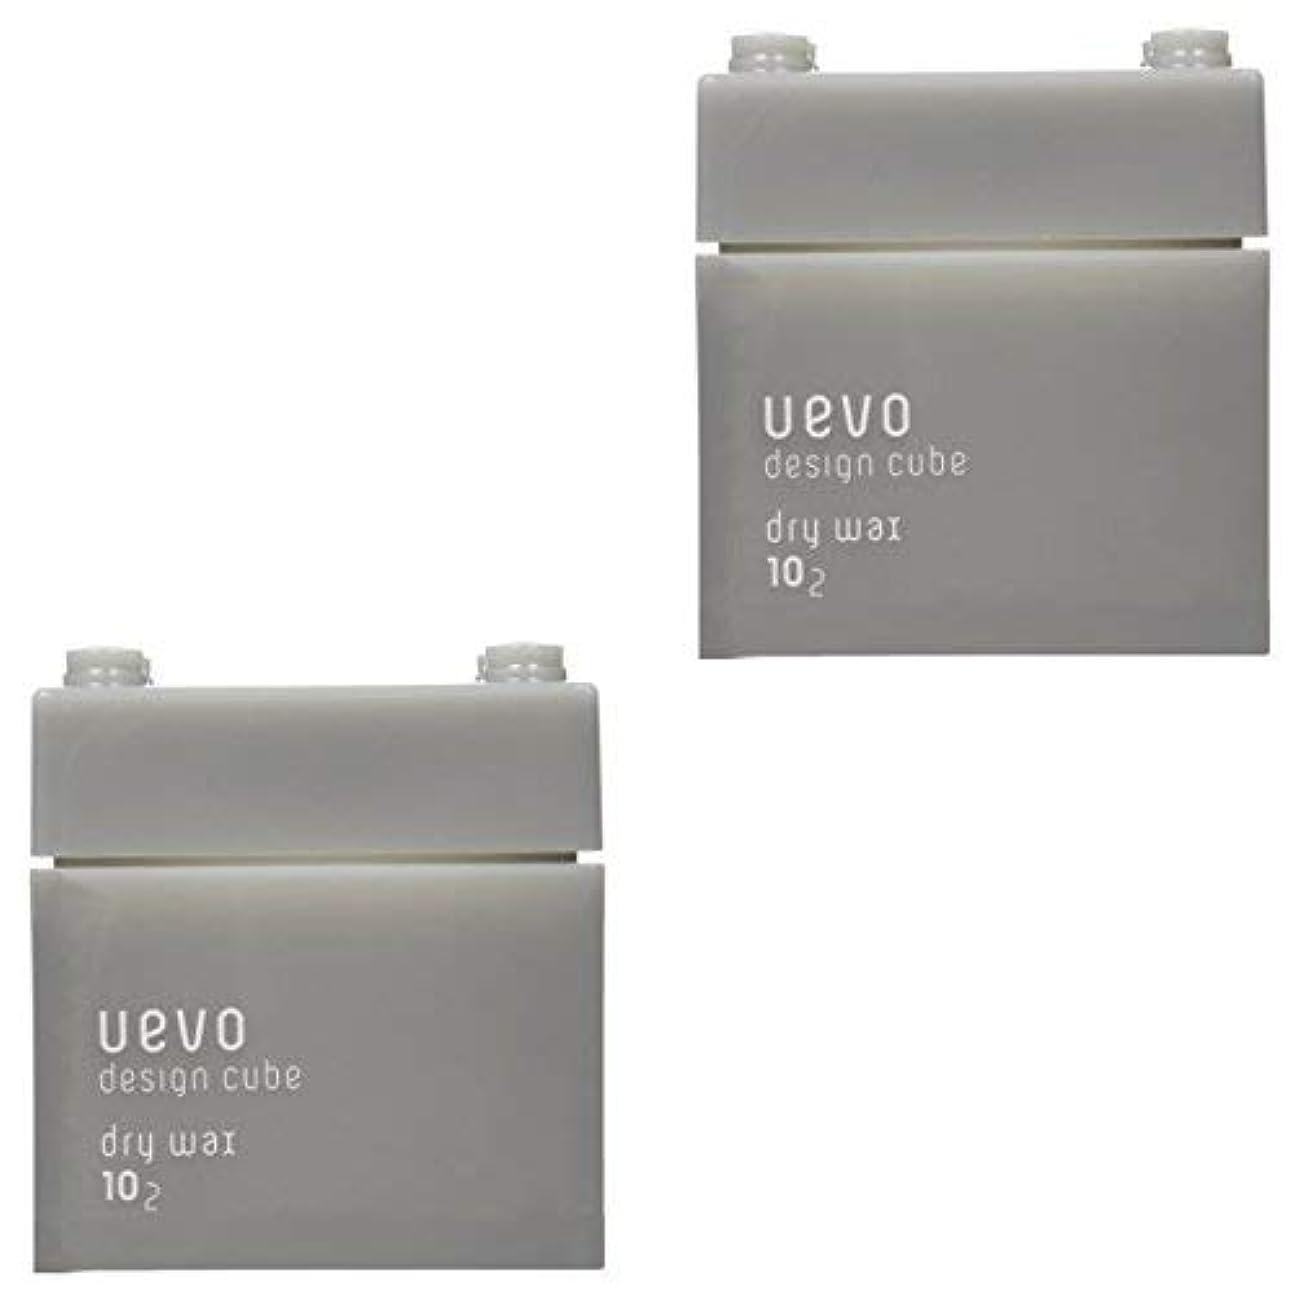 地下室横たわる標高【X2個セット】 デミ ウェーボ デザインキューブ ドライワックス 80g dry wax DEMI uevo design cube